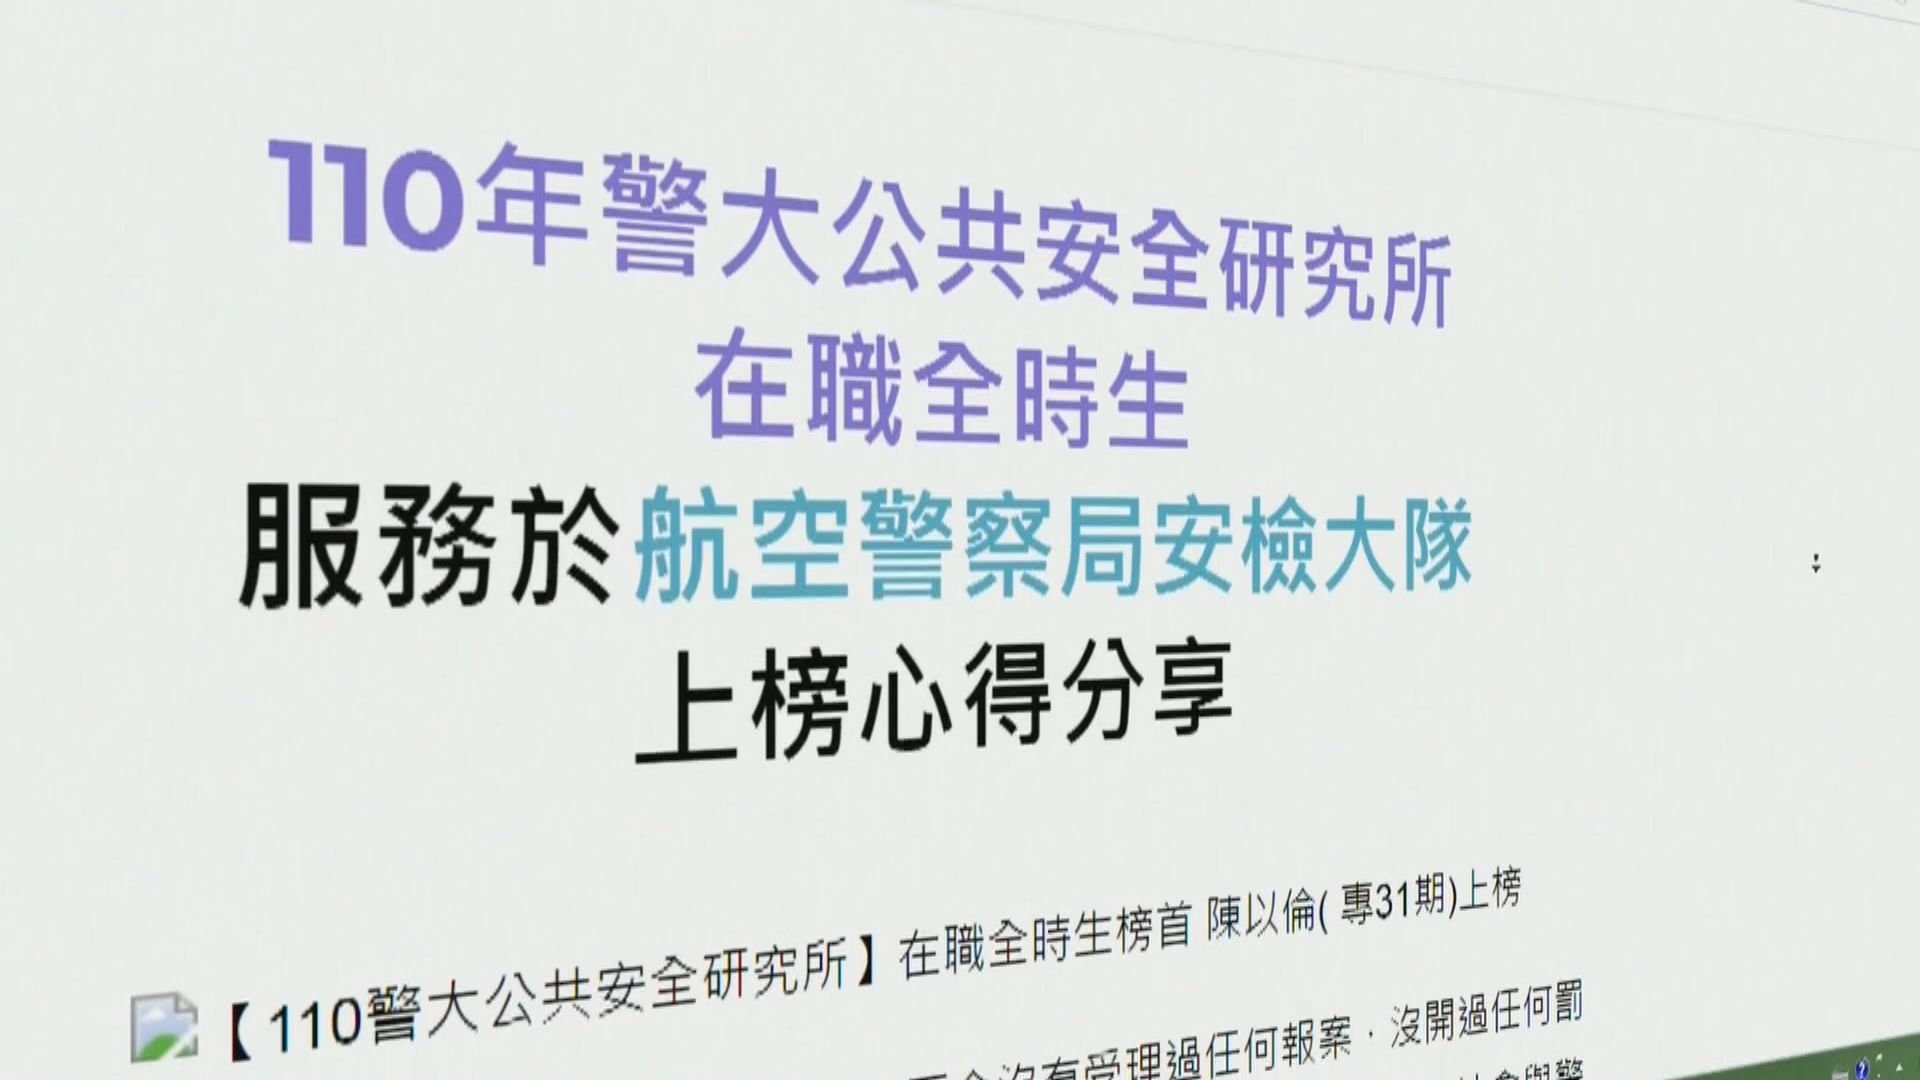 【環球薈報】台灣警員網上炫耀工作輕鬆被撤職